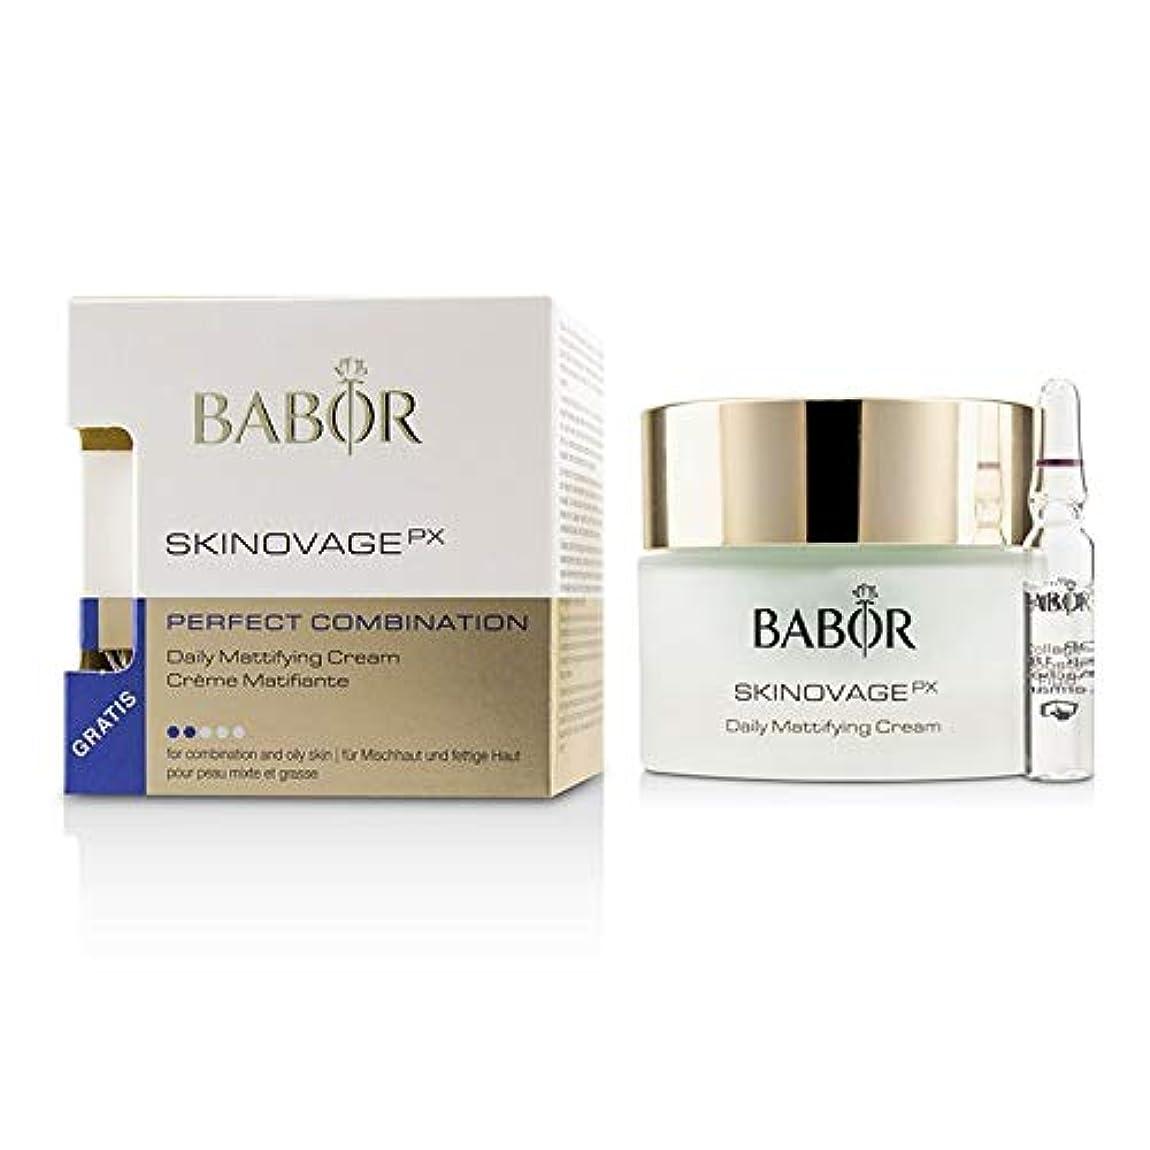 どれでも飢饉かんたんバボール Skinovage PX Perfect Combination Daily Mattifying Cream (with Free Collagen Booster Fluid 2ml) - For Combination...